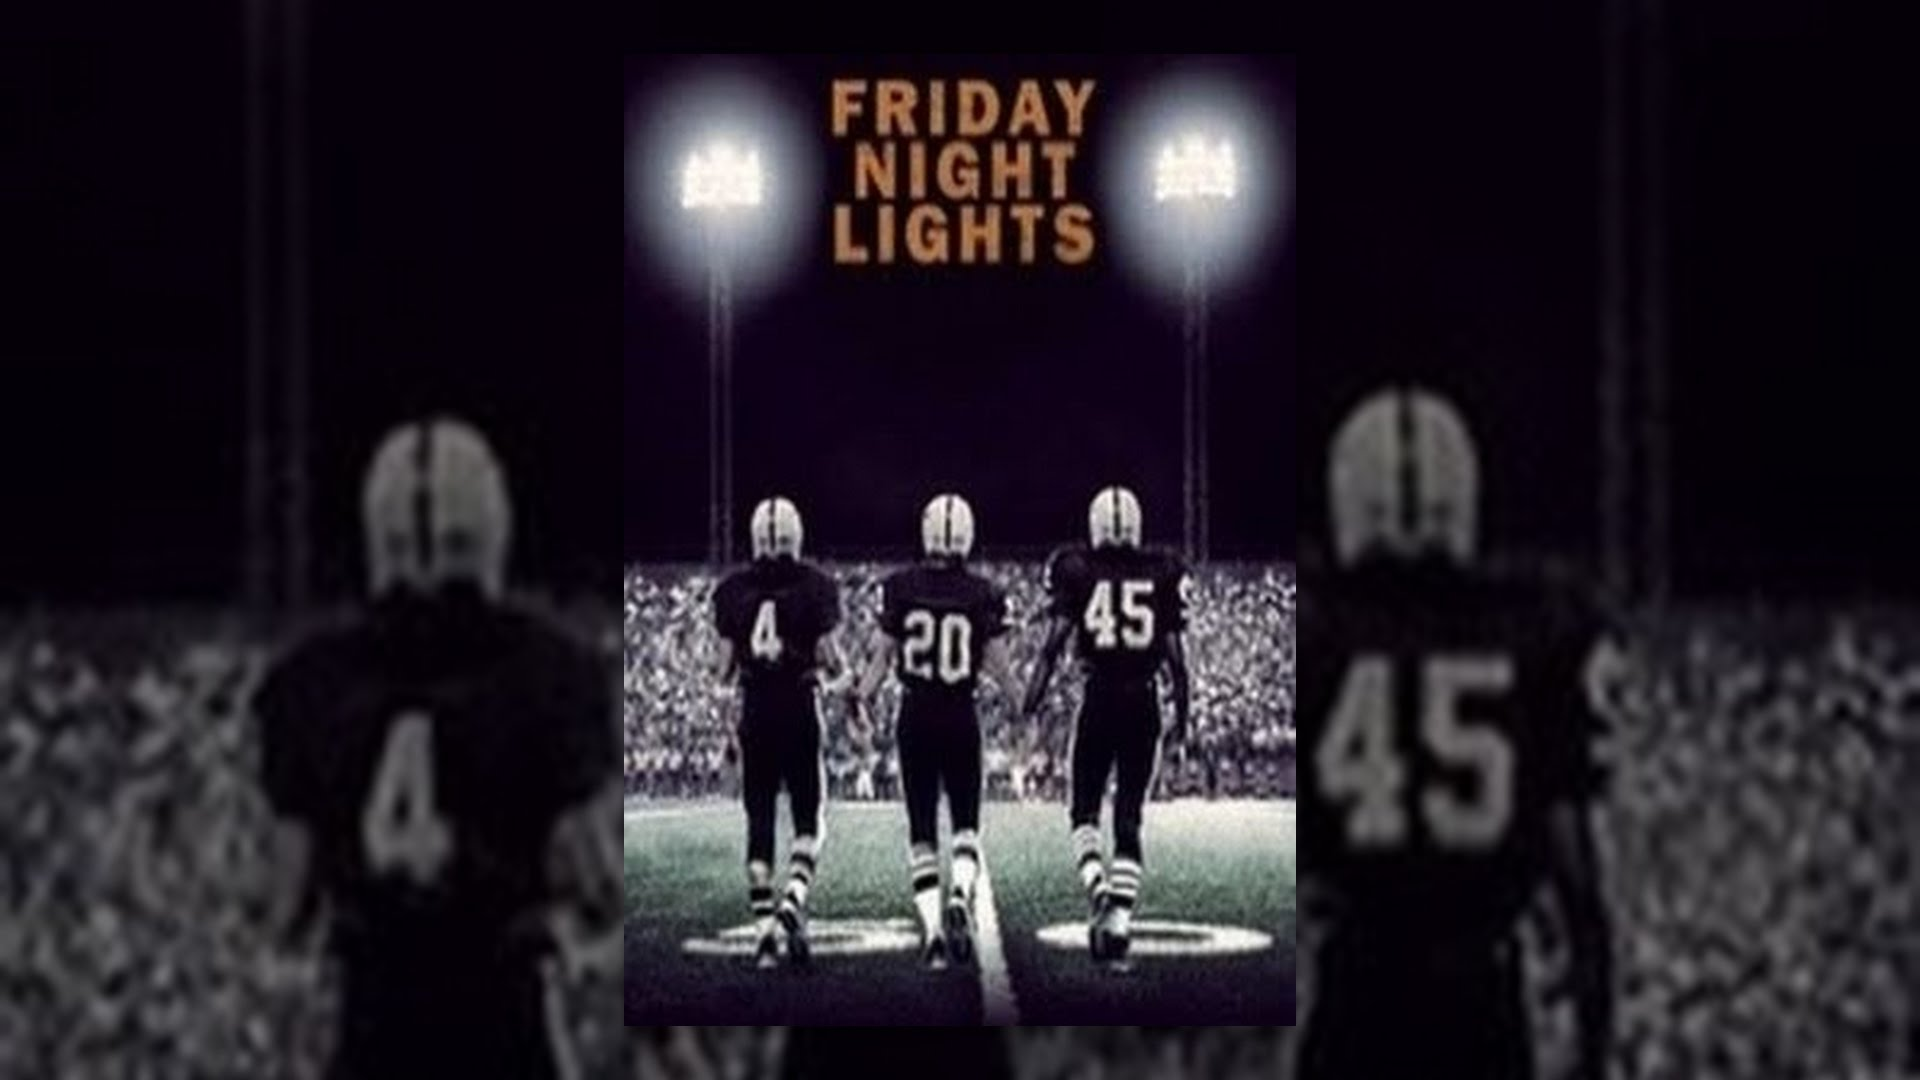 Fridays Night Lights